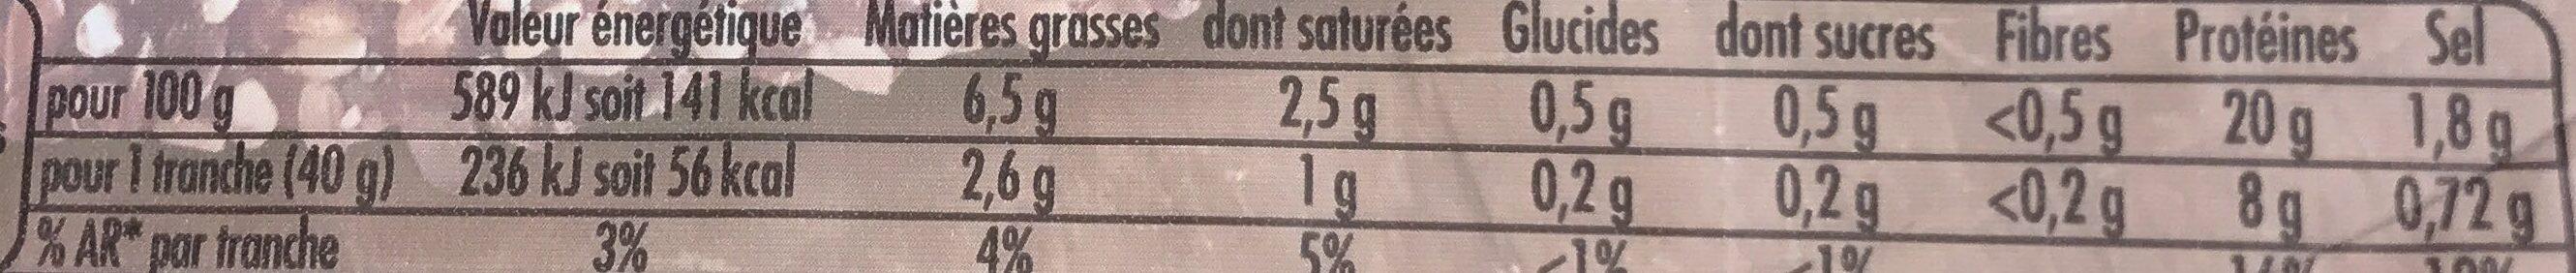 Tendre noix Charcutier avec couenne (4+1 gratuite) - Informations nutritionnelles